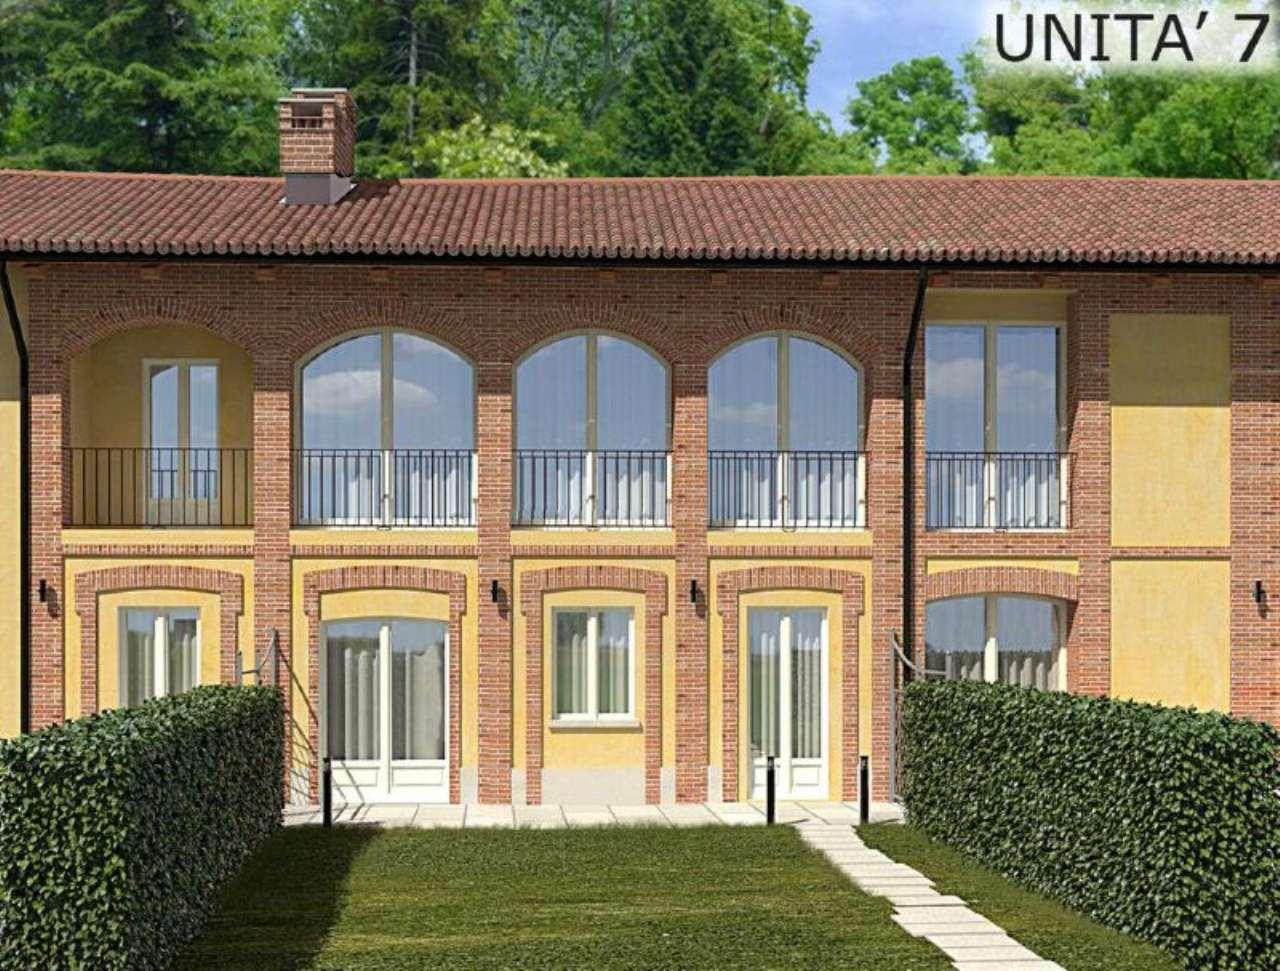 Rustico / Casale in vendita a Chieri, 4 locali, prezzo € 316.000 | Cambio Casa.it